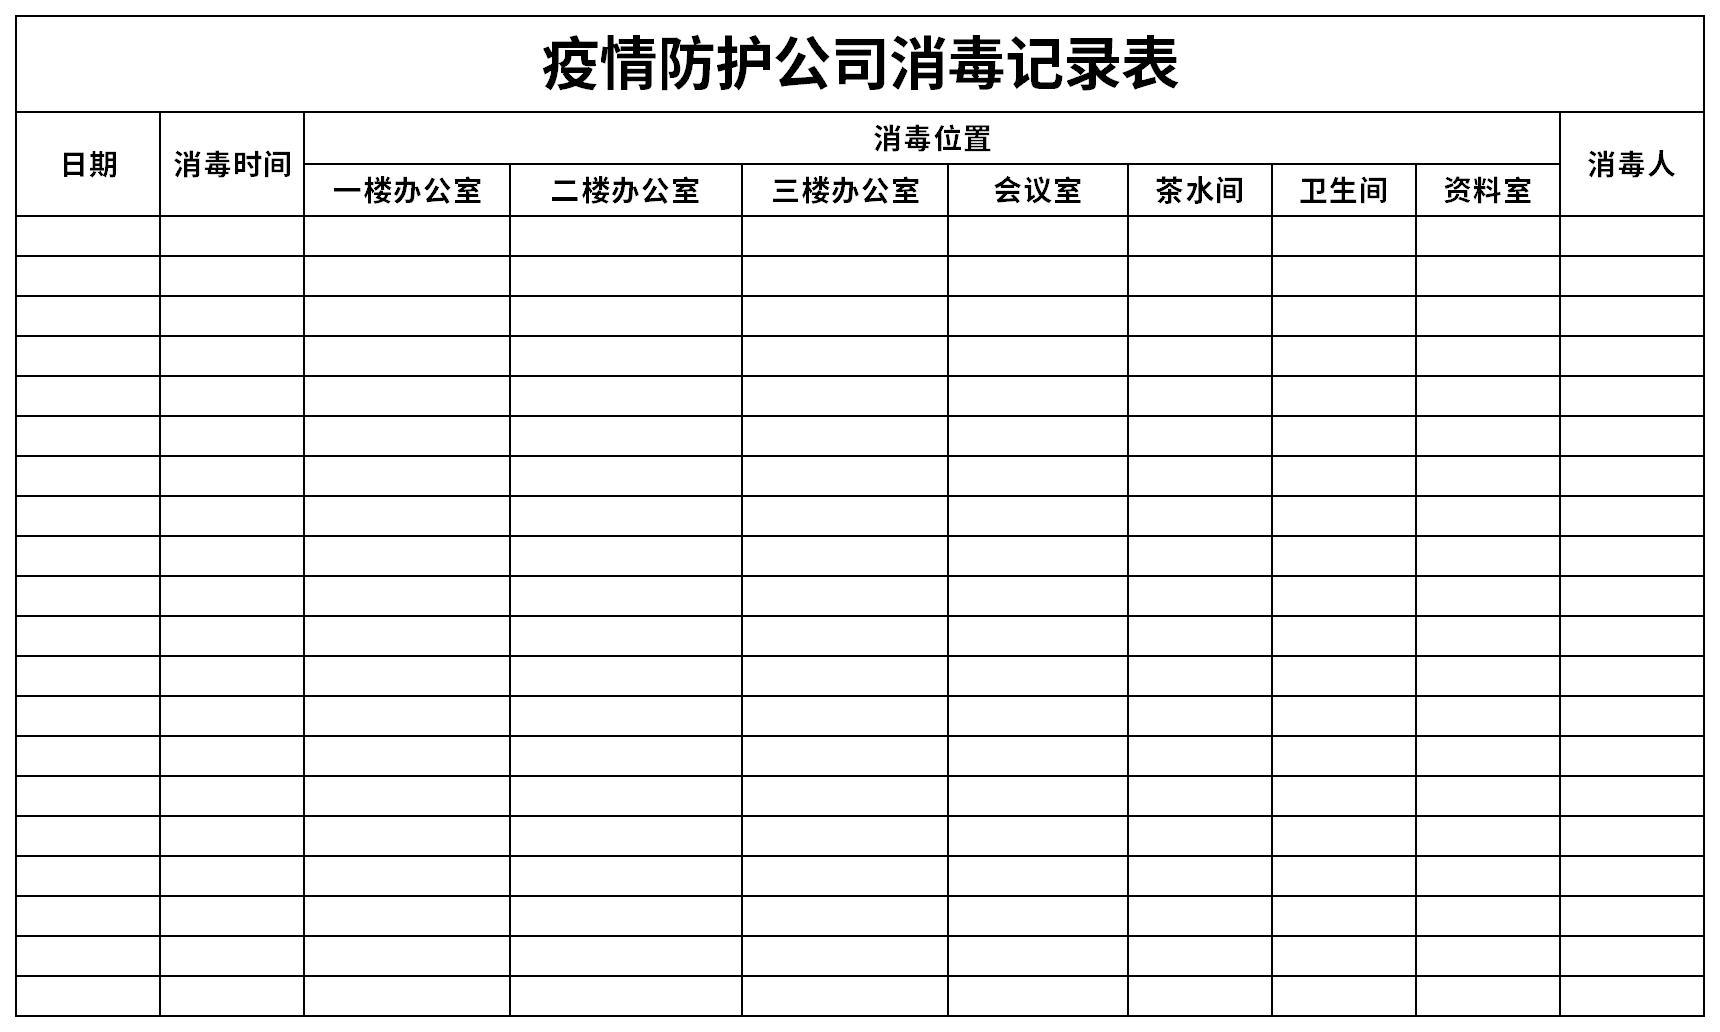 疫情防护公司消毒记录表截图